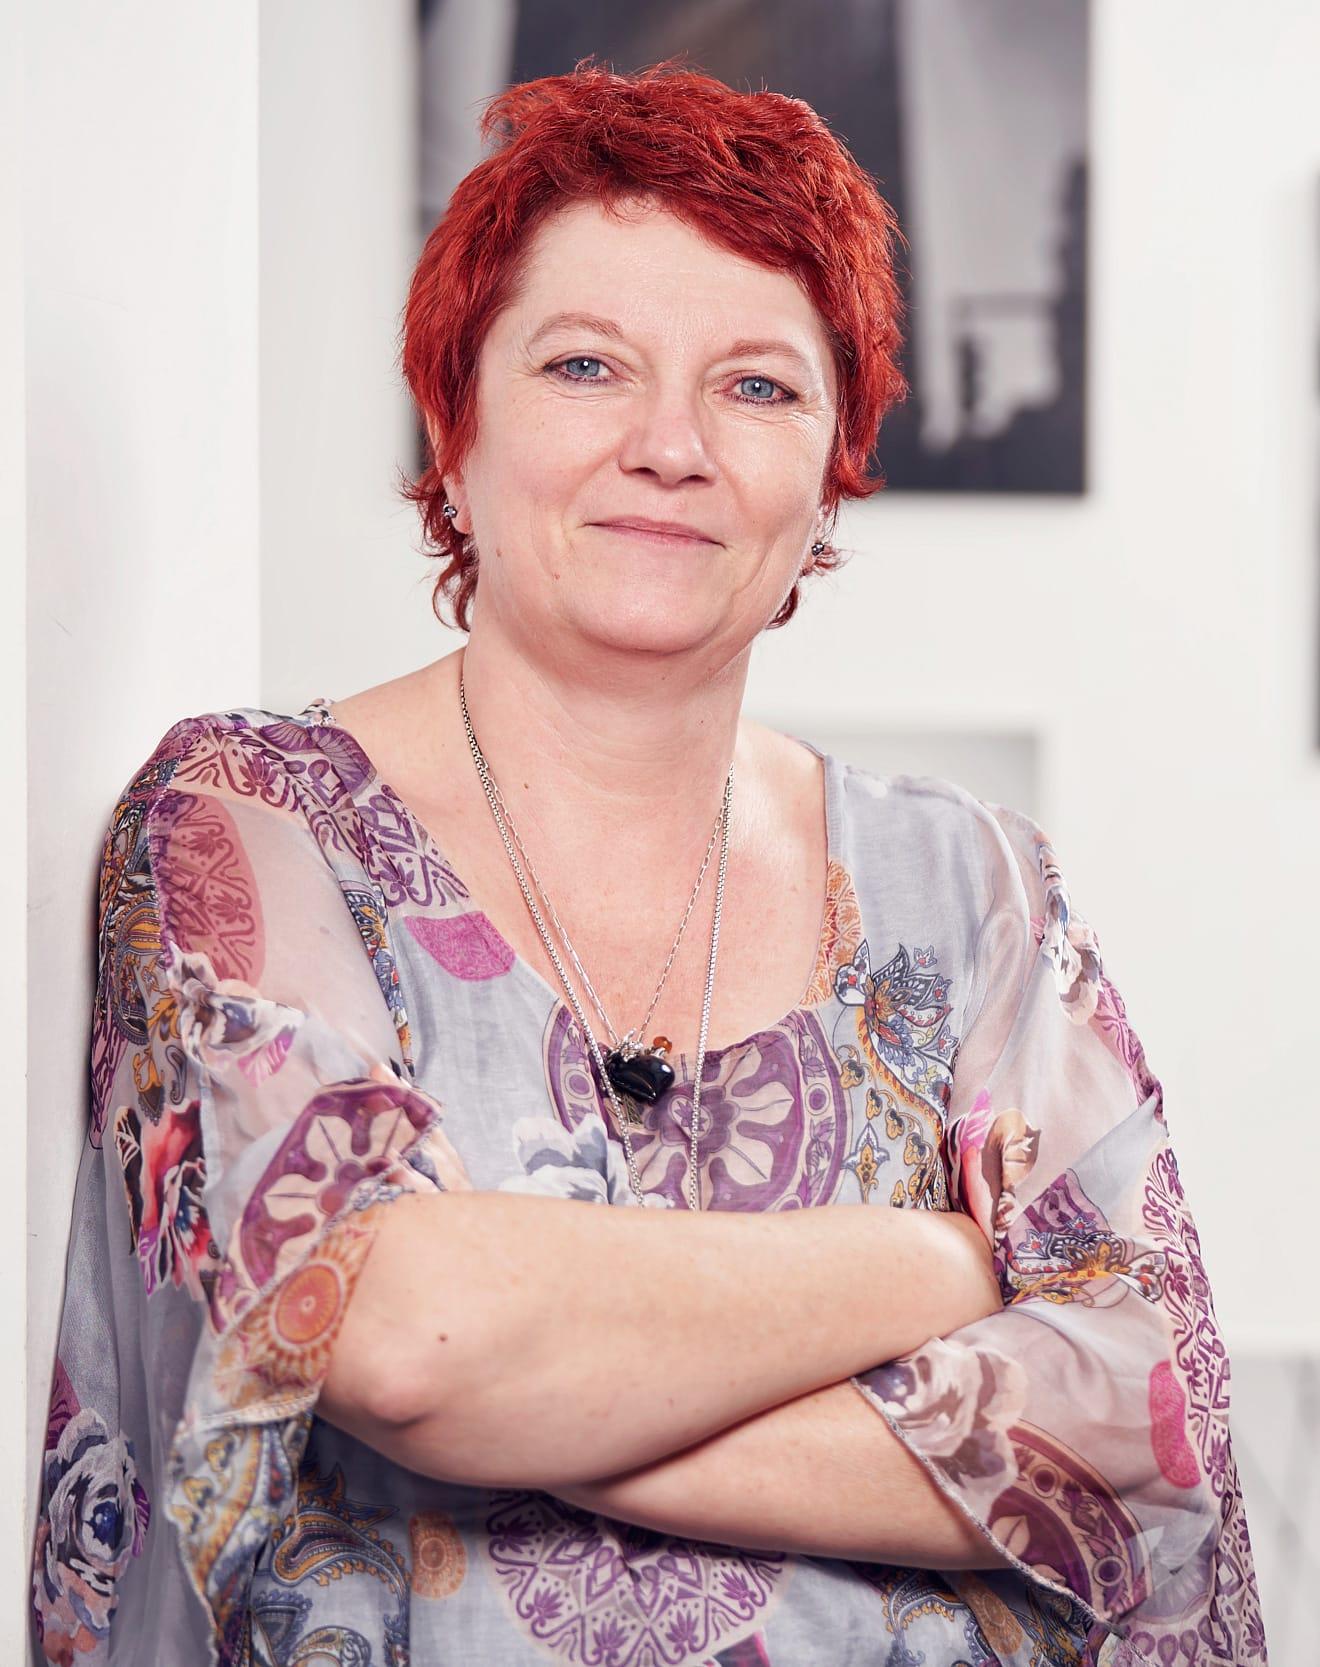 Marina Theisen